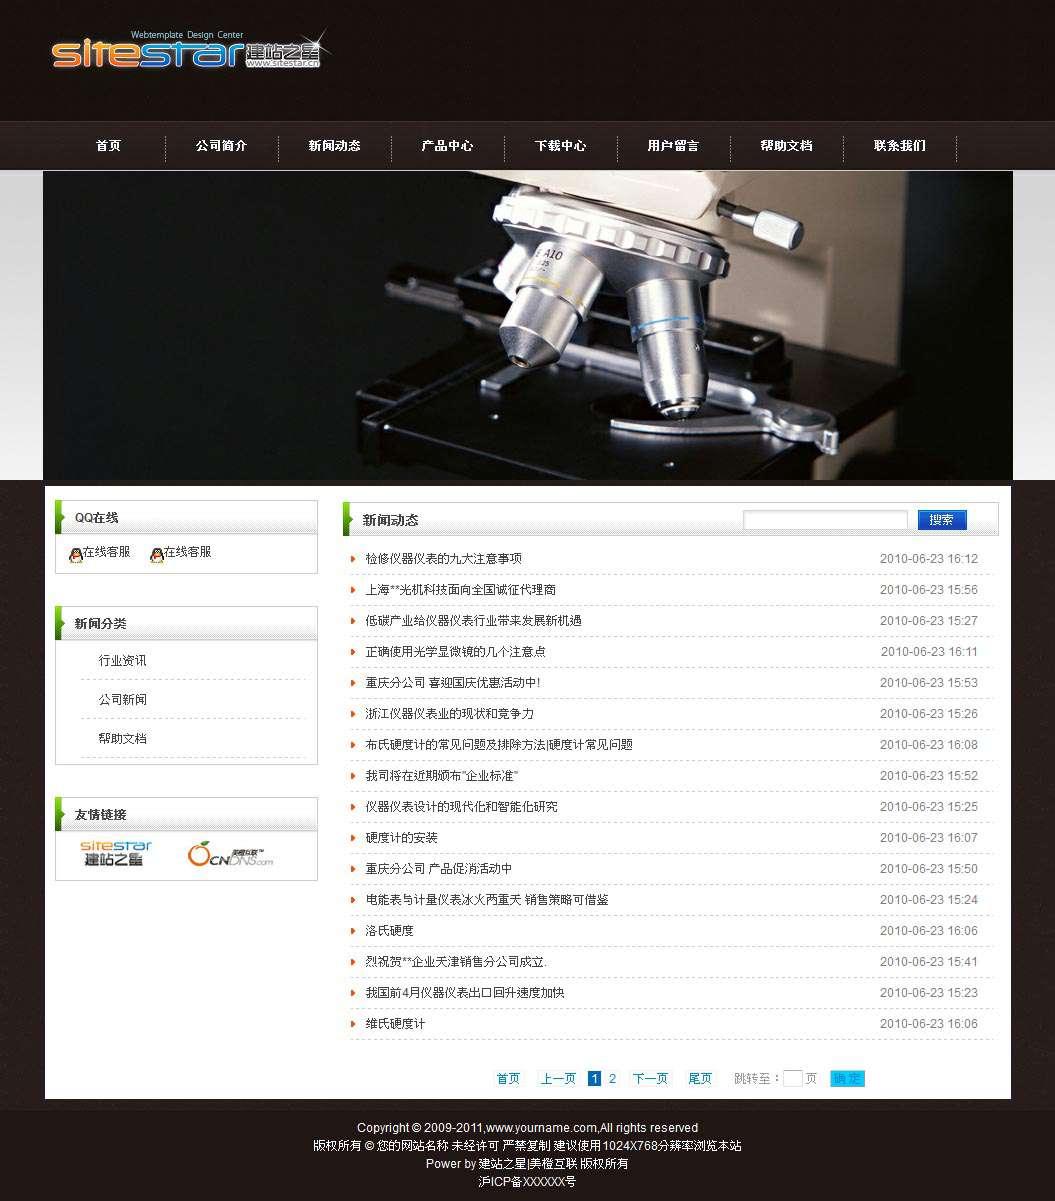 企业网站-仪器A23模板列表页面